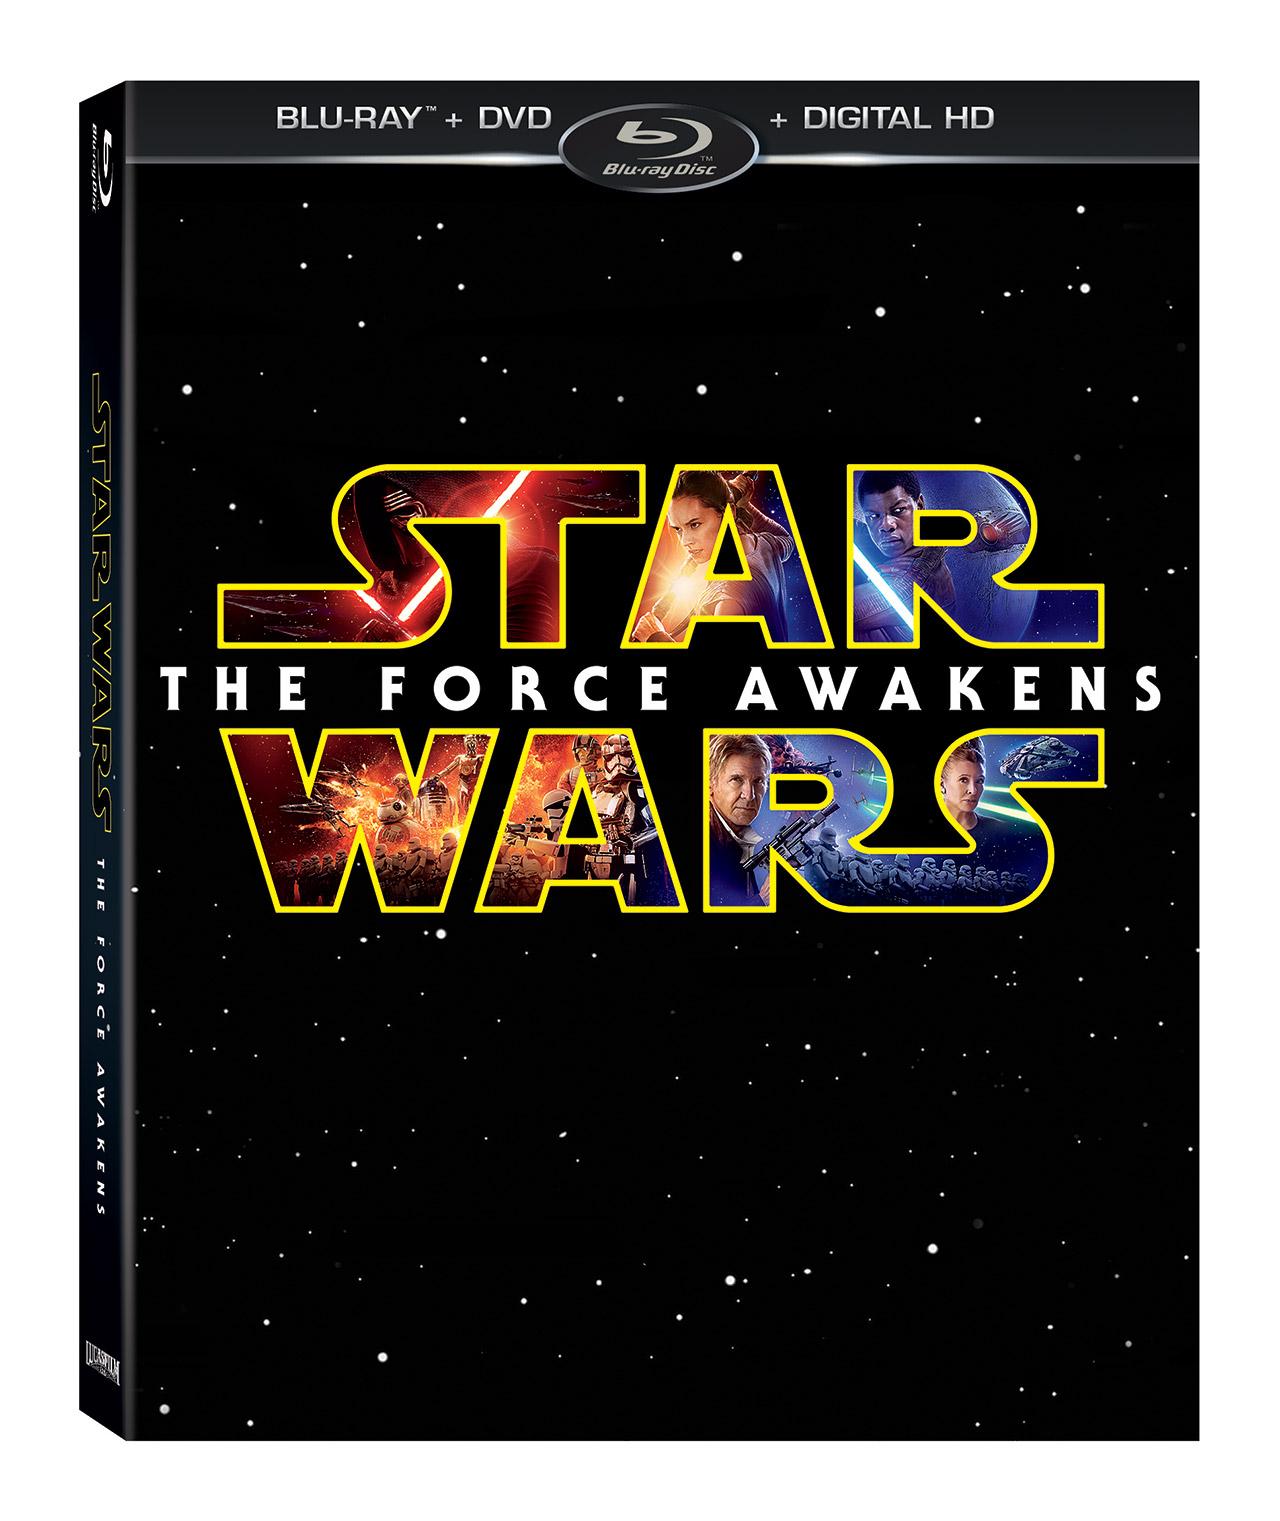 Gwiezdne Wojny: Przebudzenie Mocy - Blu-ray - okładka Blu-ray